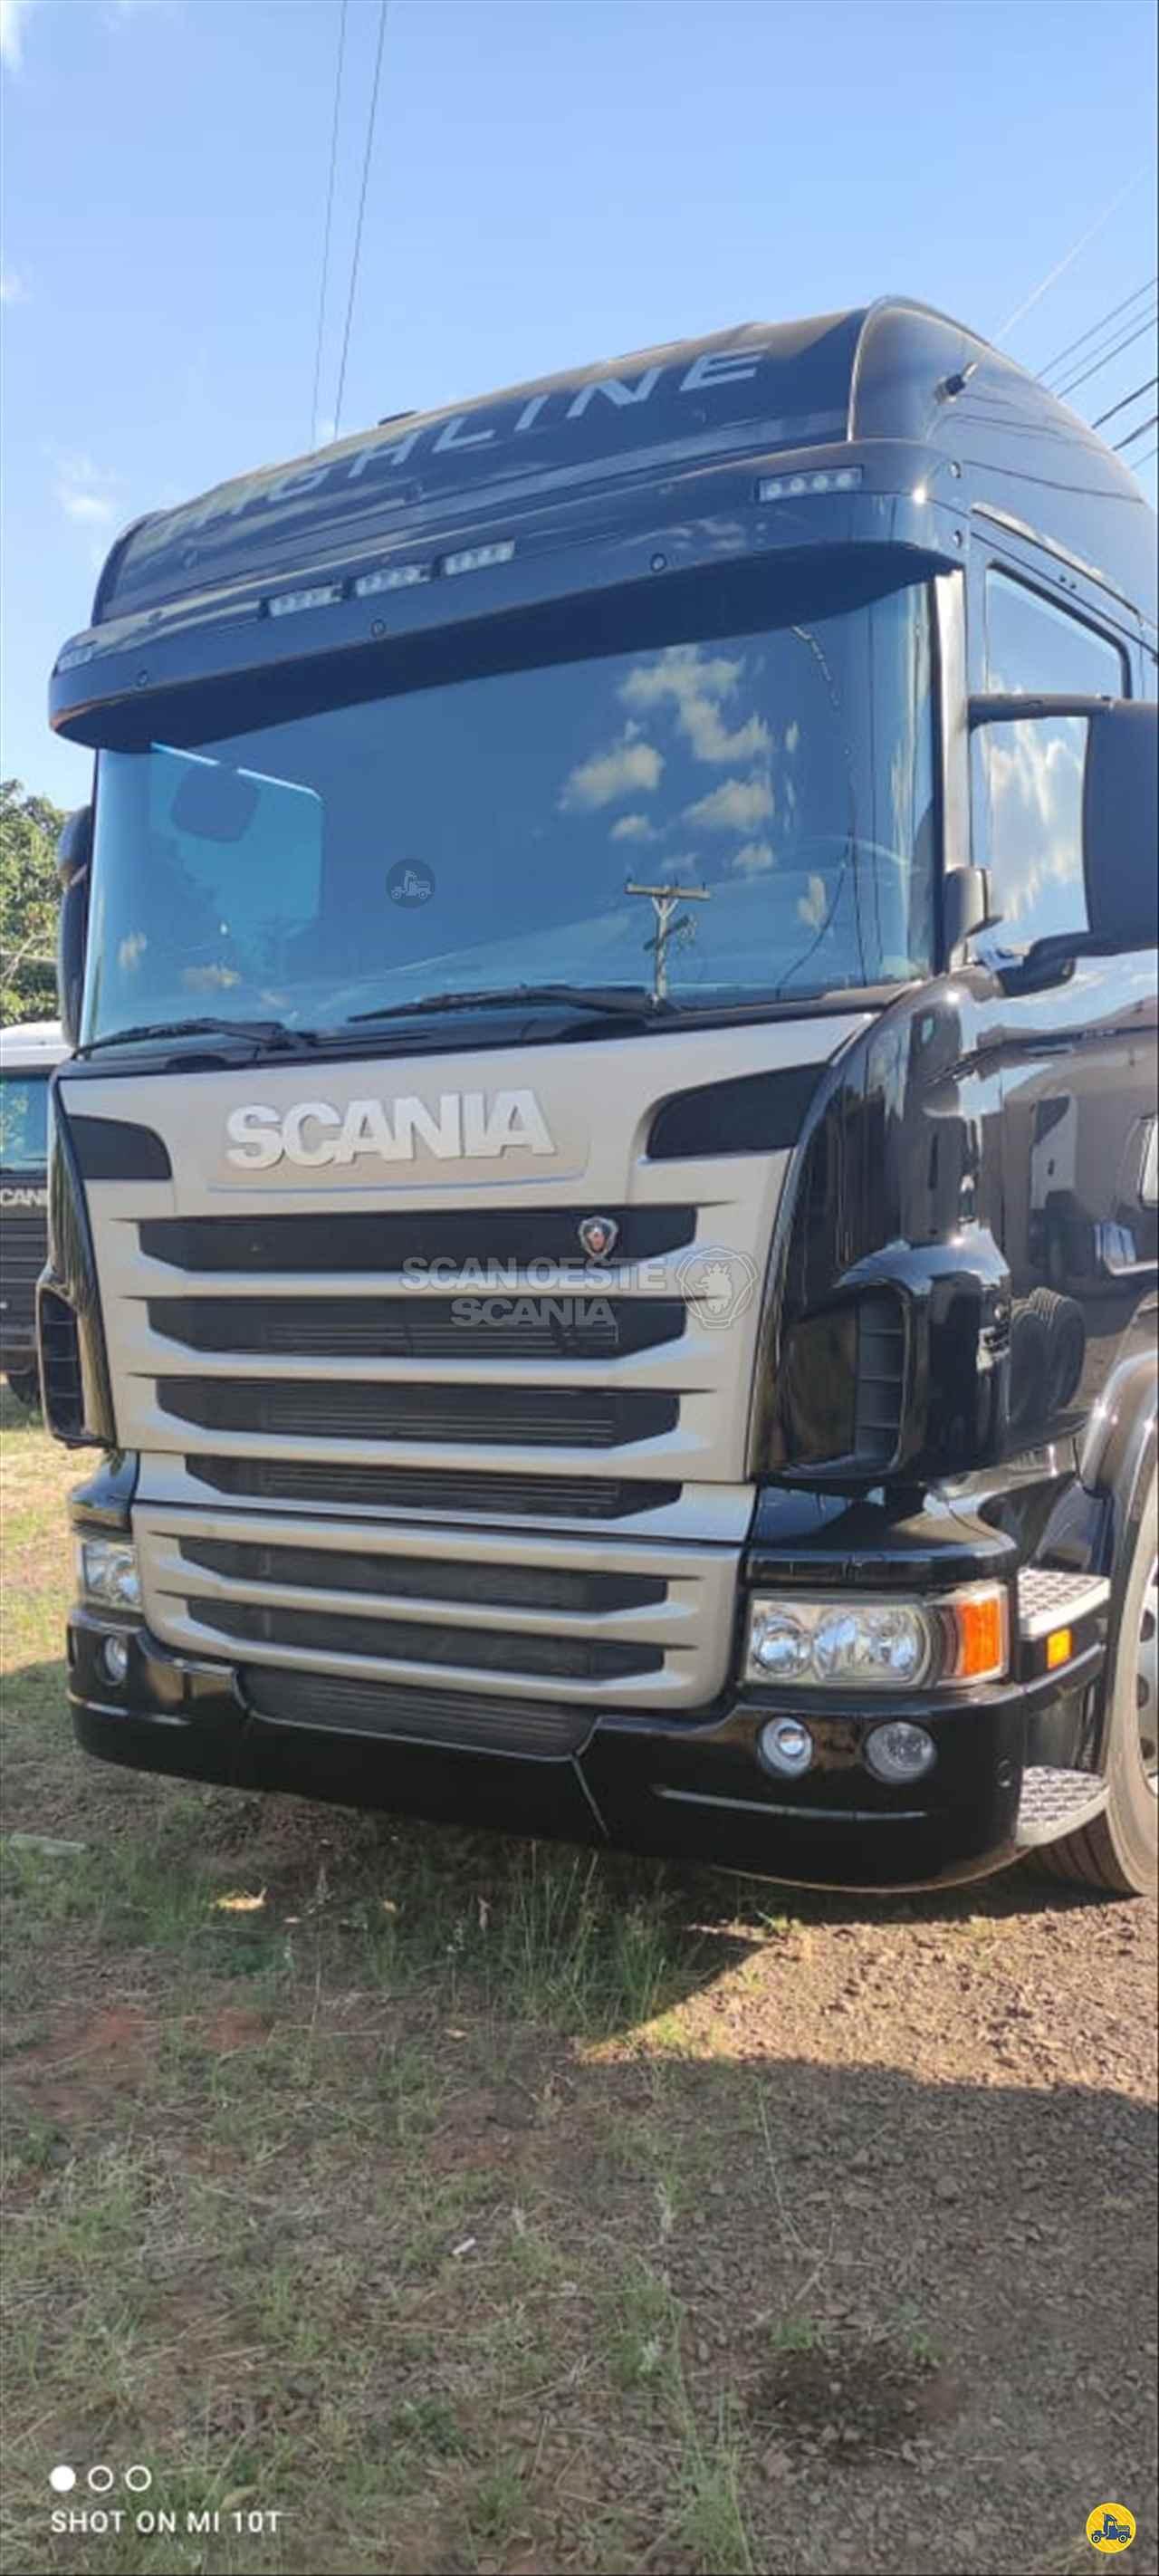 CAMINHAO SCANIA SCANIA 440 Cavalo Mecânico Traçado 6x4 Scan Oeste OSVALDO CRUZ SÃO PAULO SP